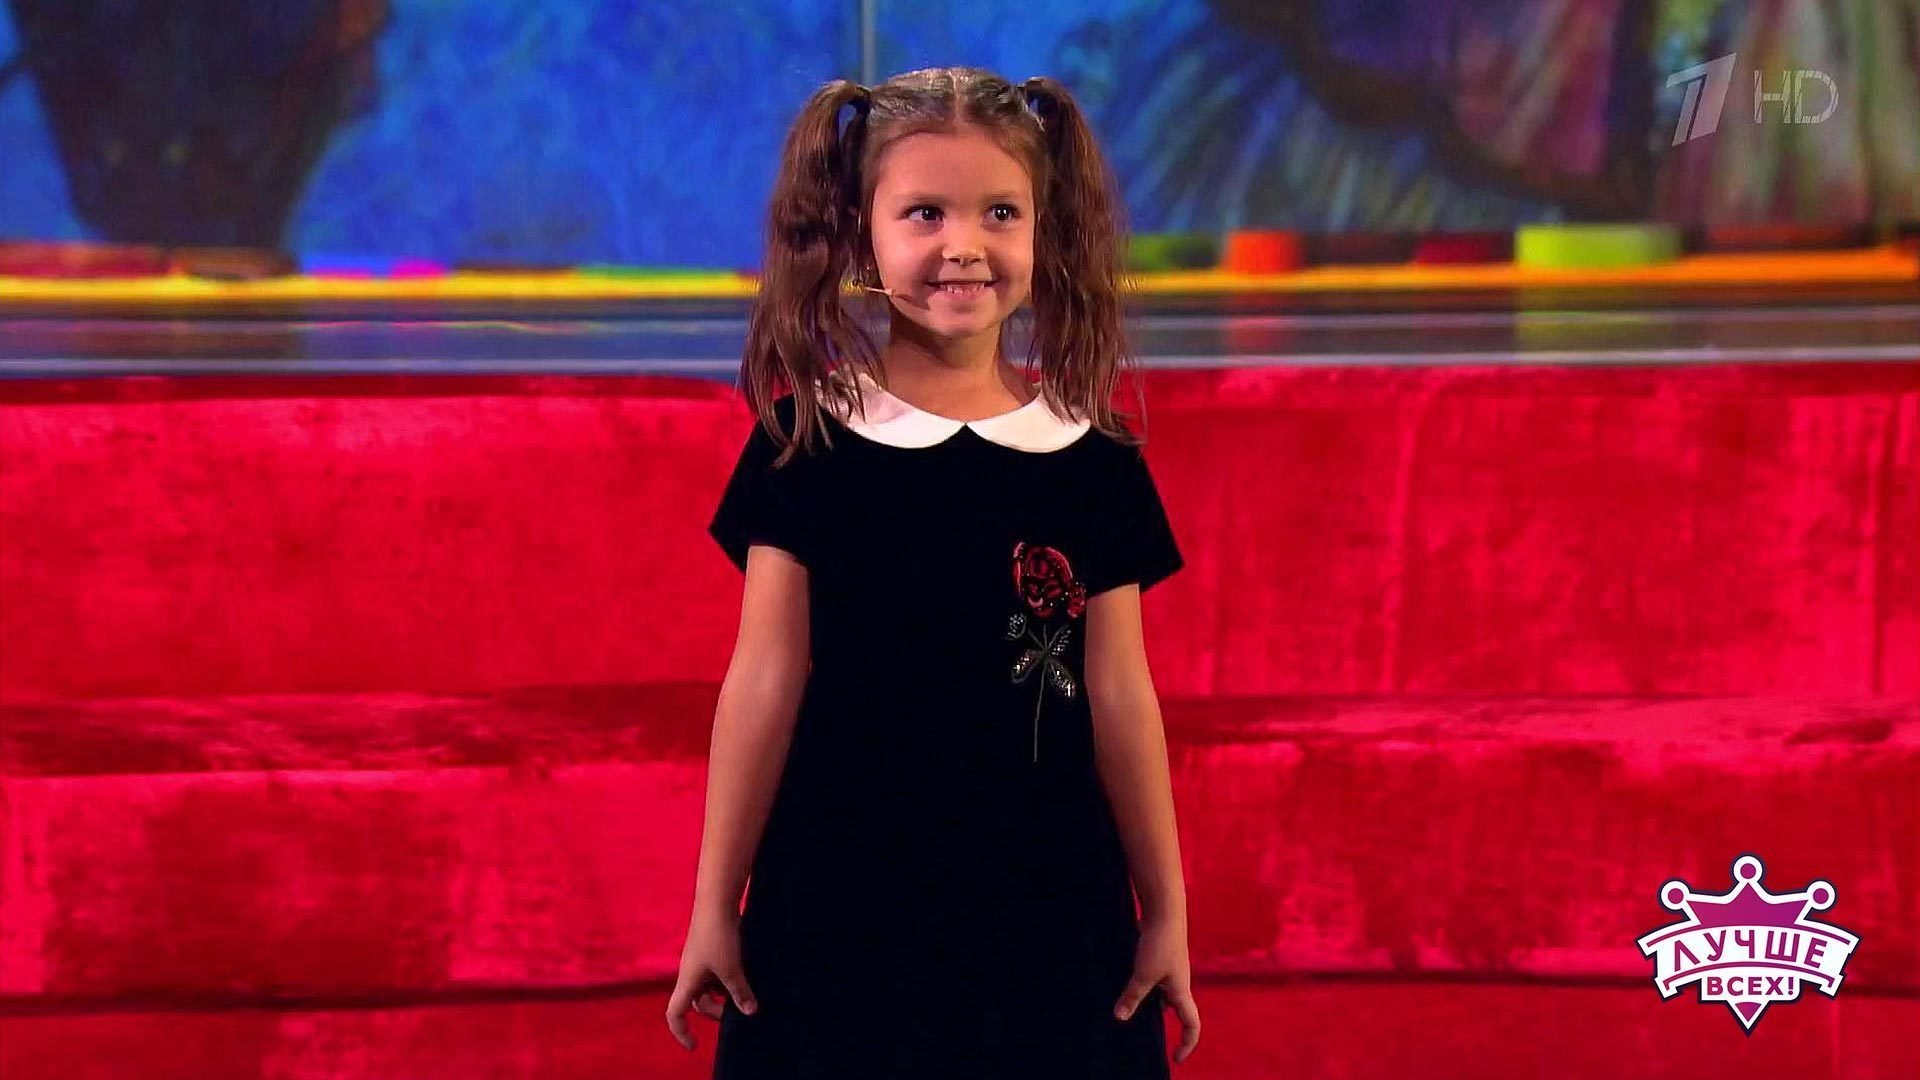 Фото екатерины бизиной голос дети